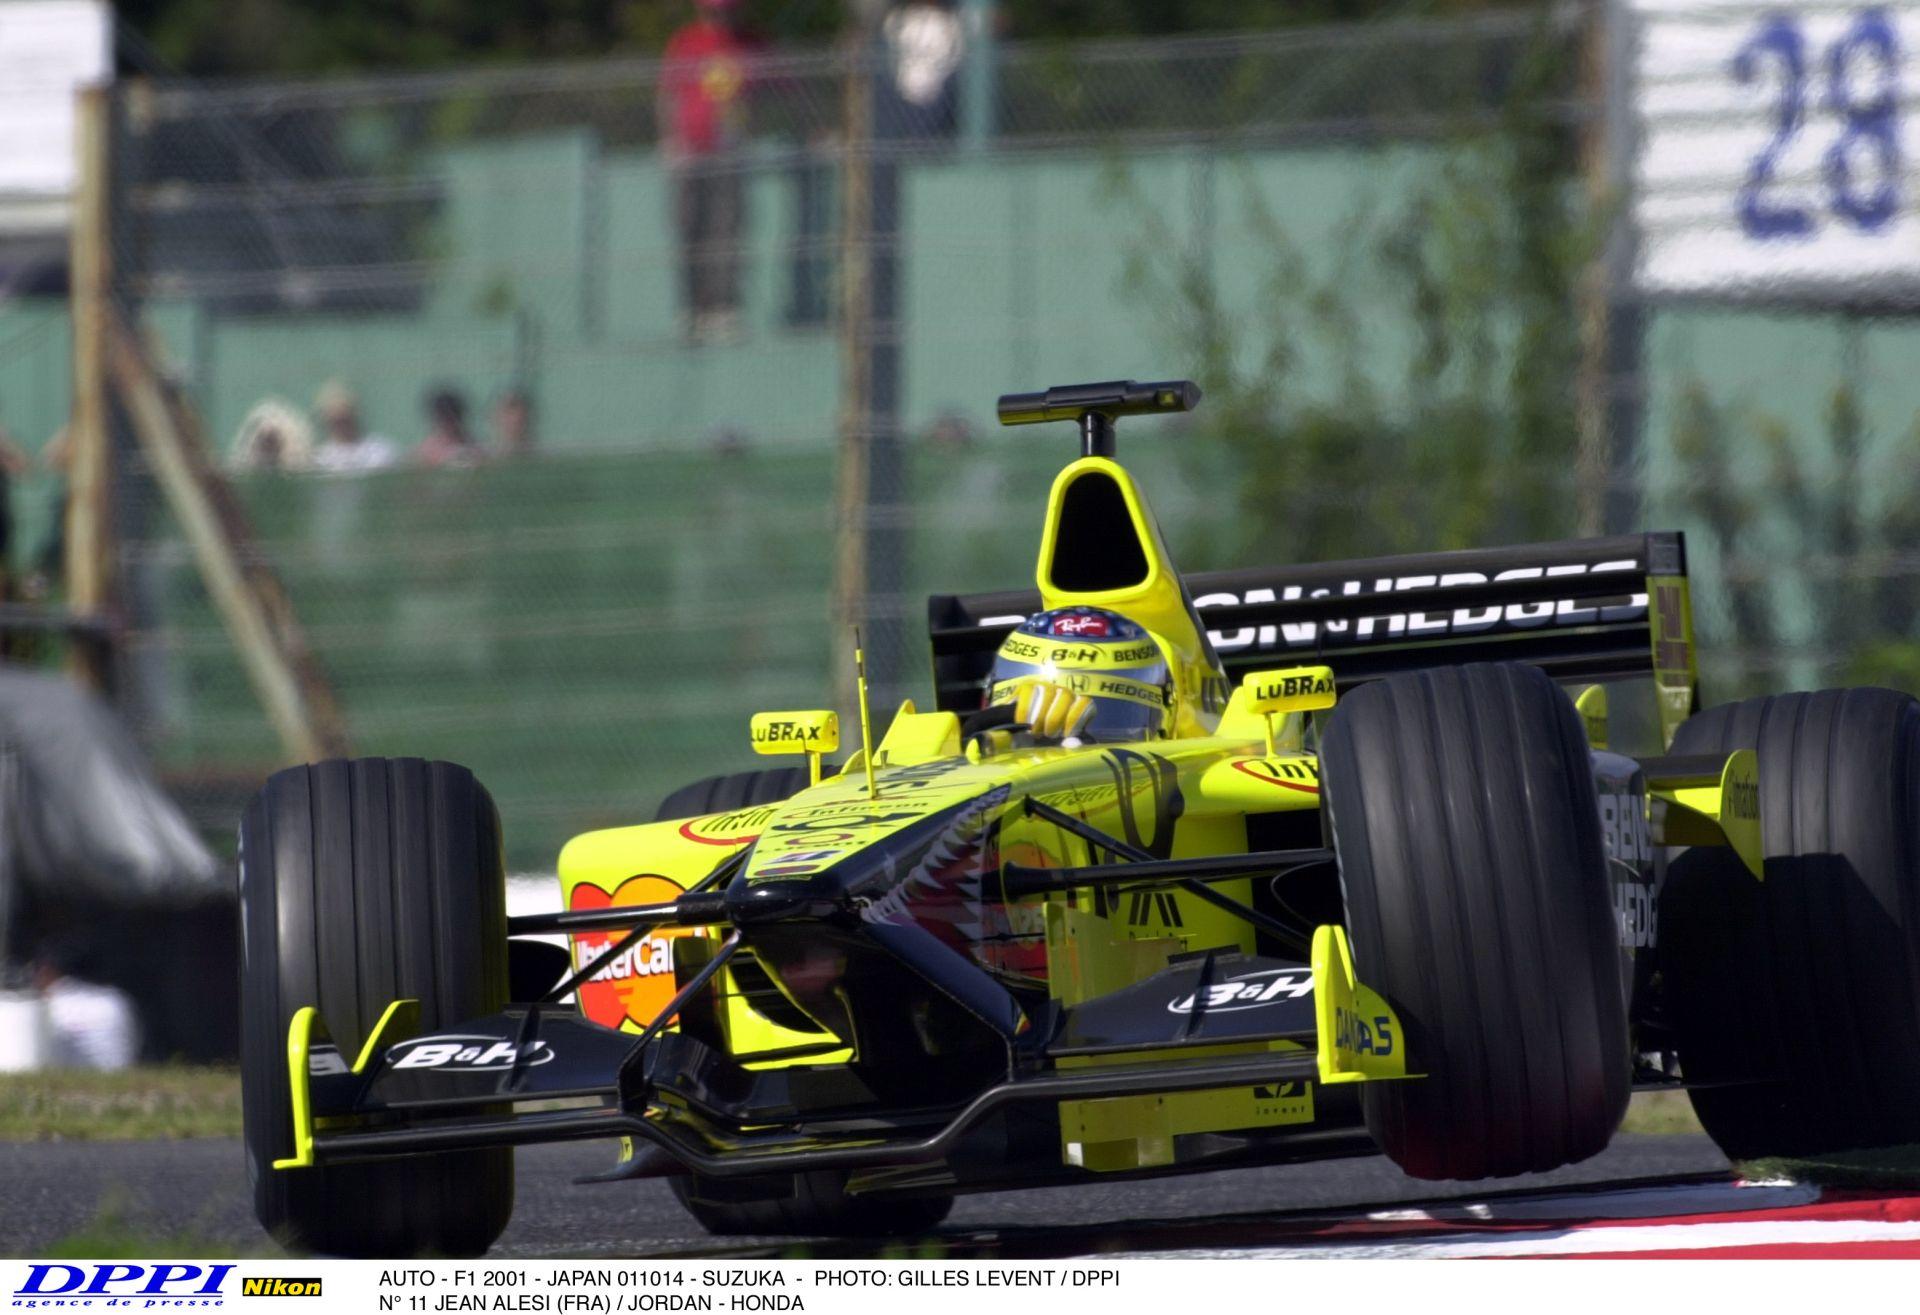 Megnéztük a videót és visszajöttek a régi F1-es emlékek: Alesi és a sárga Jordan